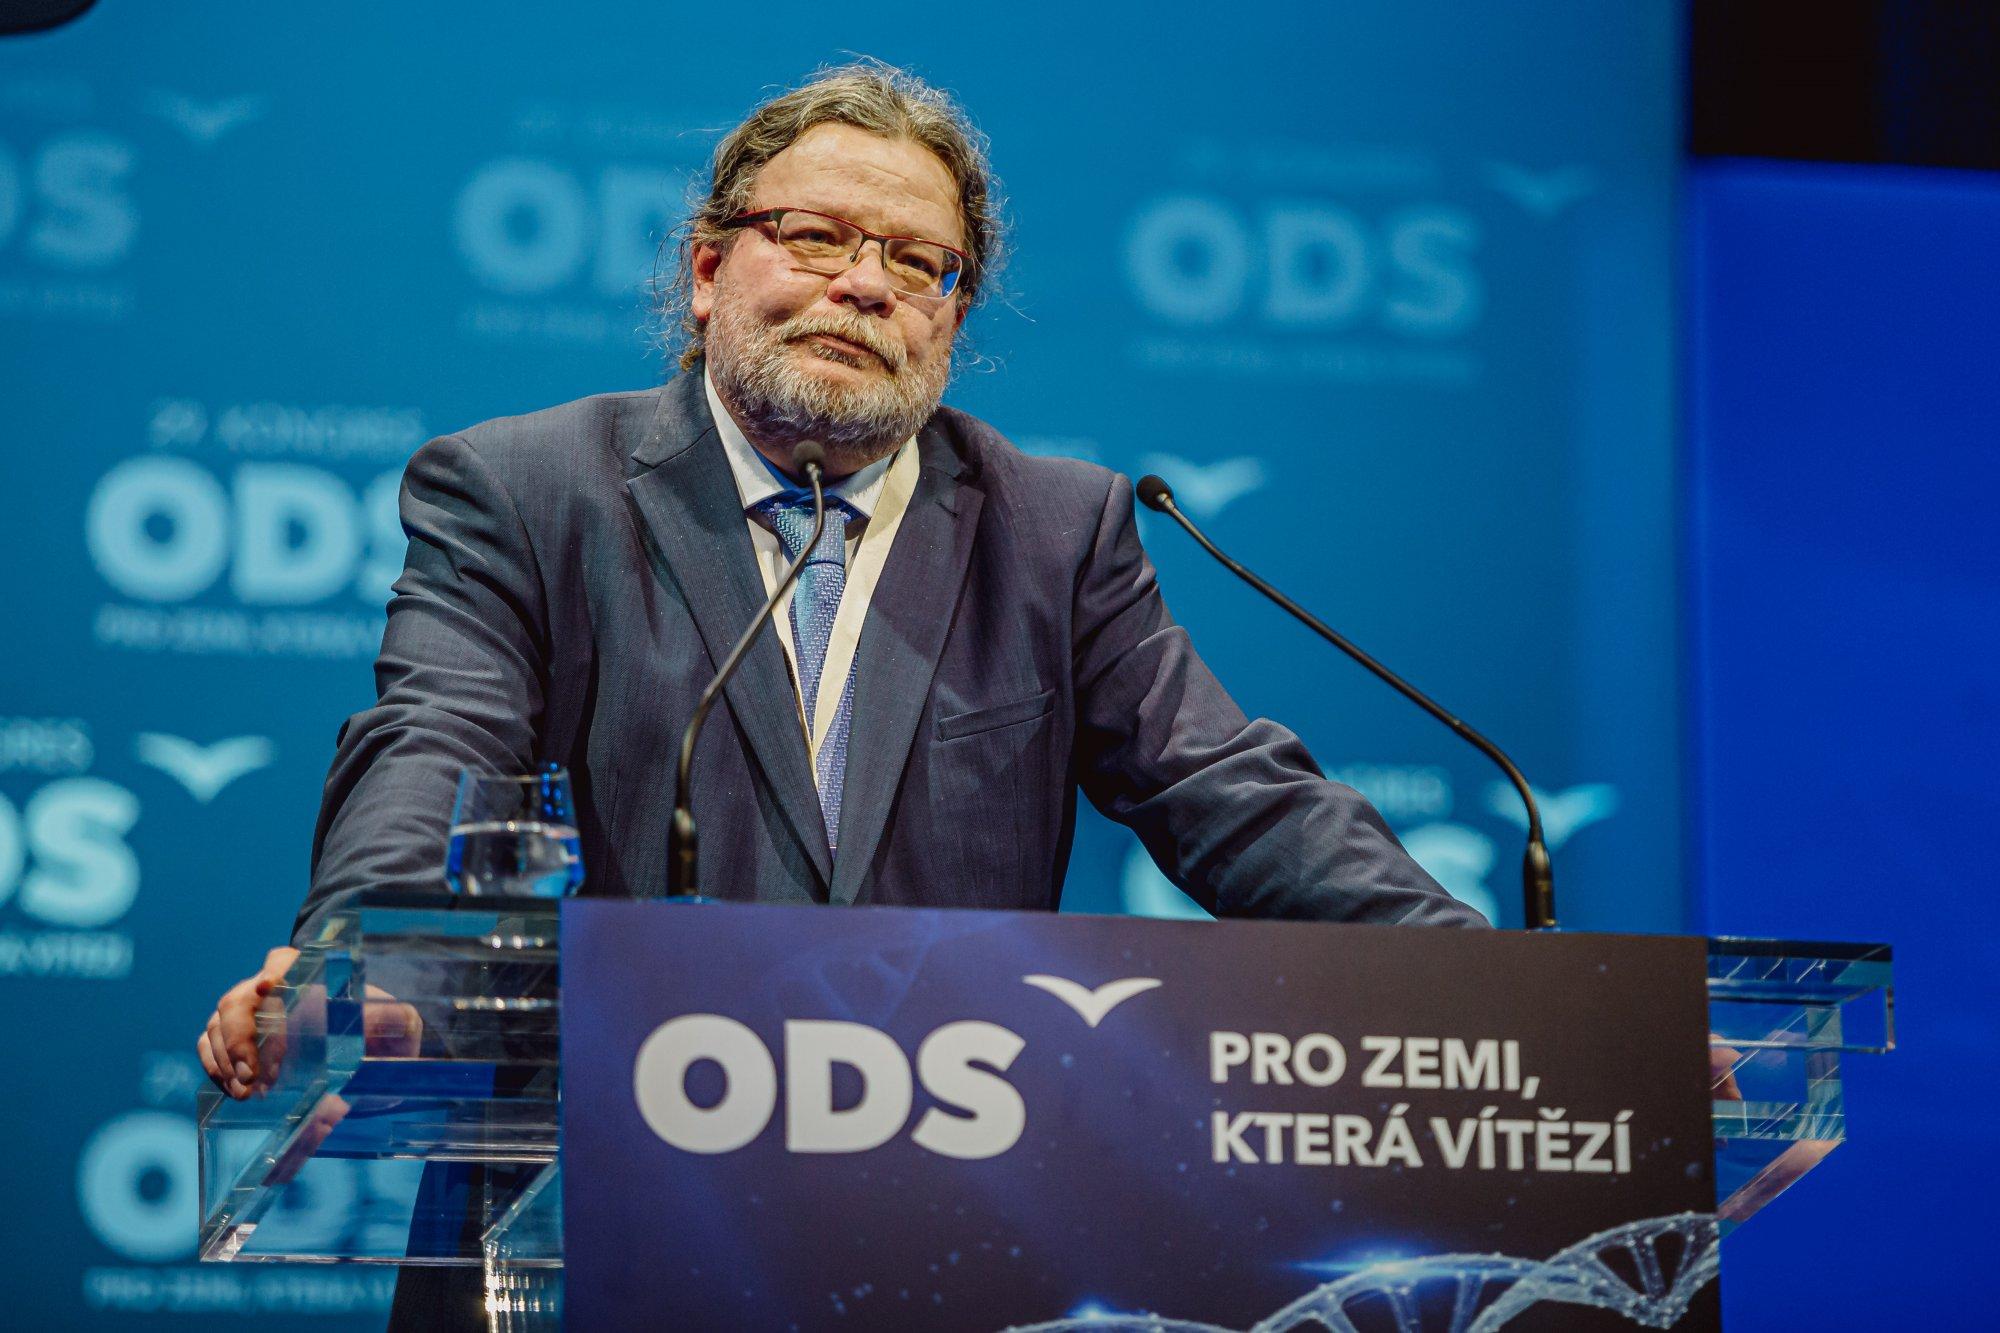 ČRo Plus: Pro rezoluci o Babišovi jsem hlasoval se skřípěním zubů. Vadí mi narážky na náš justiční systém